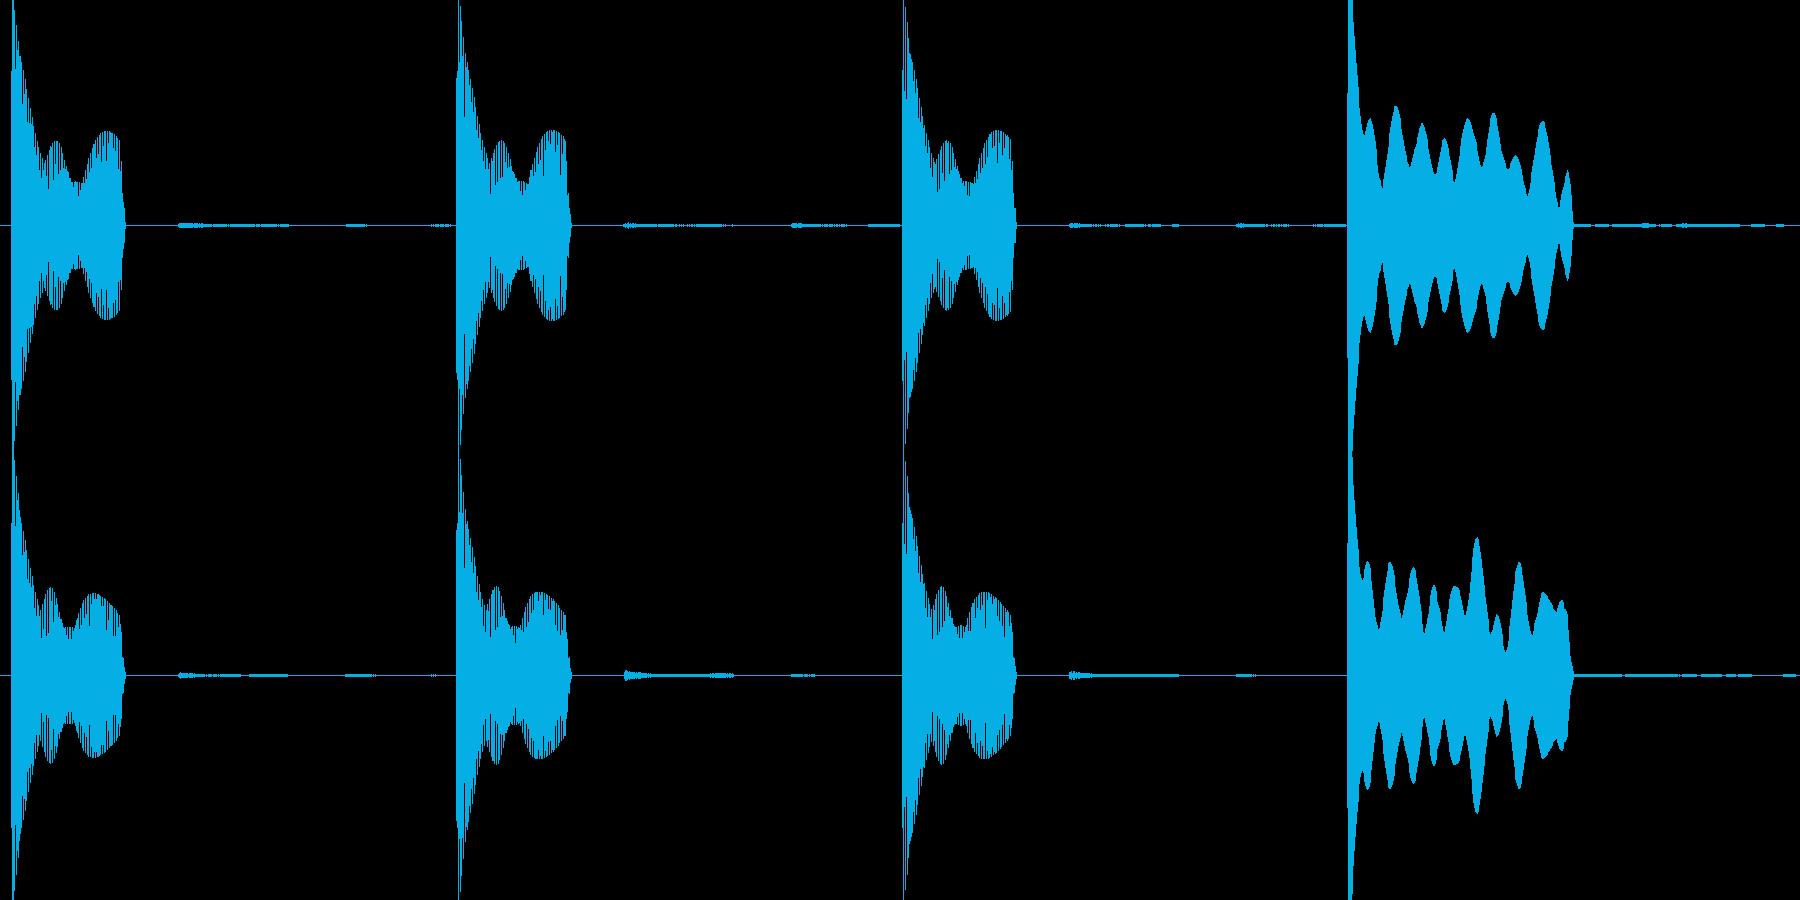 レース スタート合図音 宇宙verの再生済みの波形